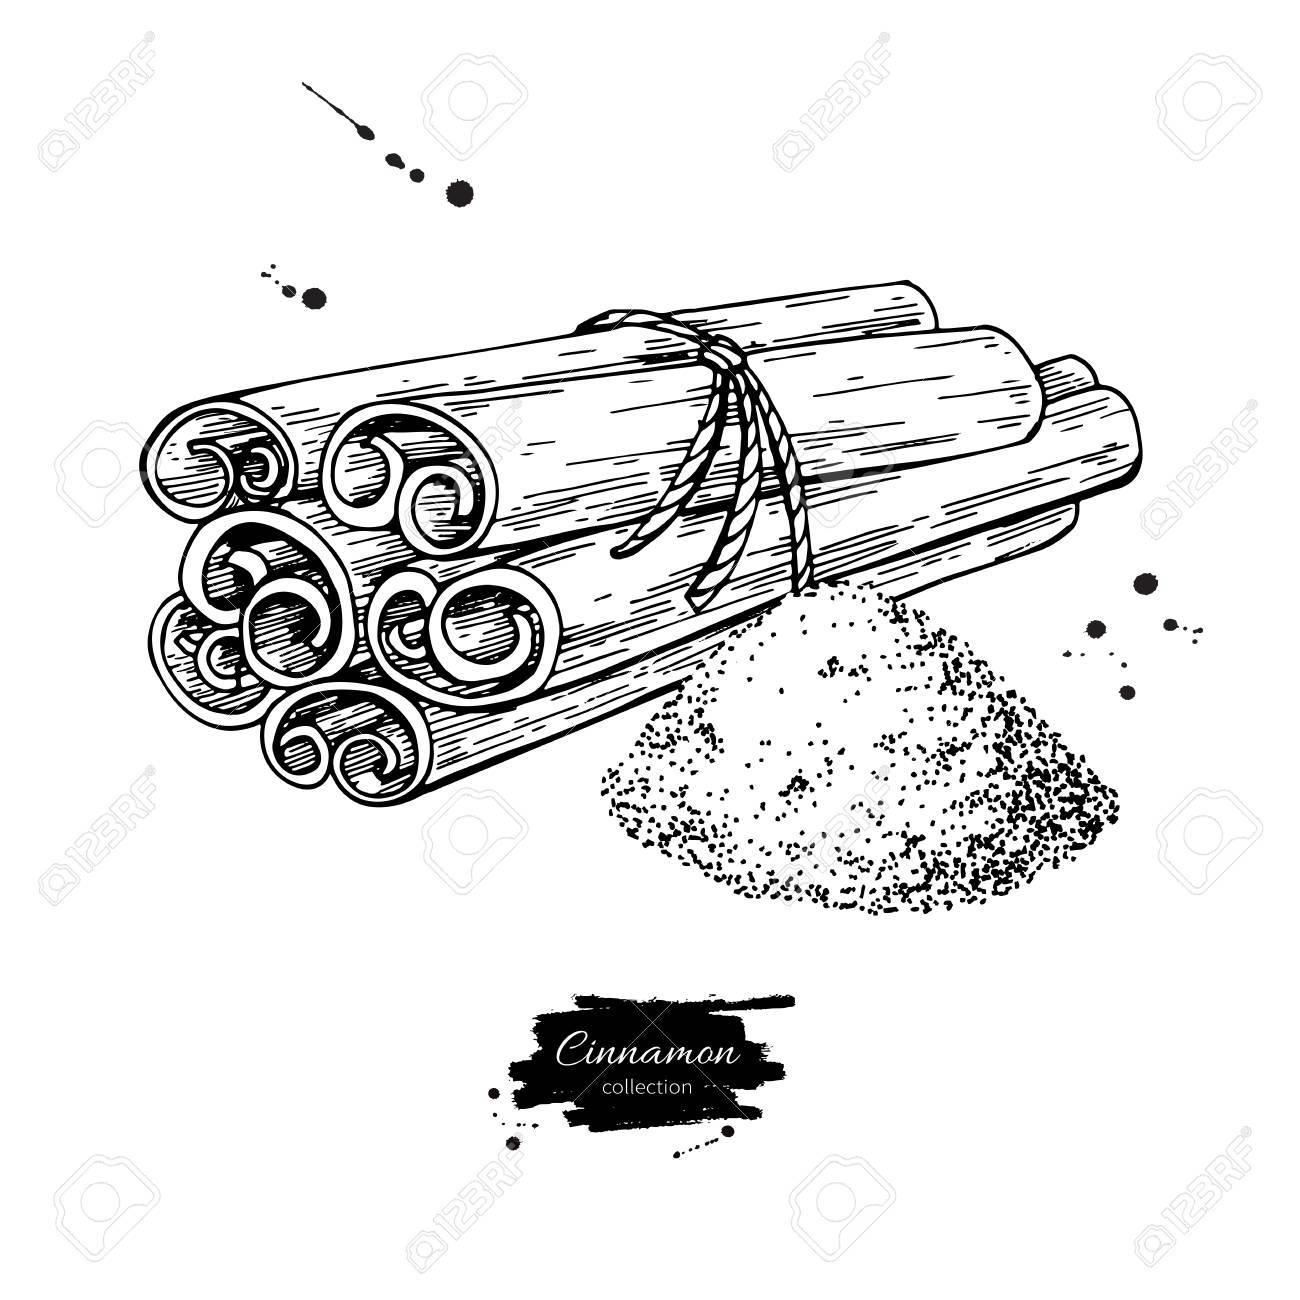 Bâton De Cannelle Liée Bouquet Et Poudre Dessin Vectoriel Croquis Dessiné Main Illustration De La Nourriture Saisonnière Isolée Sur Blanc épice De